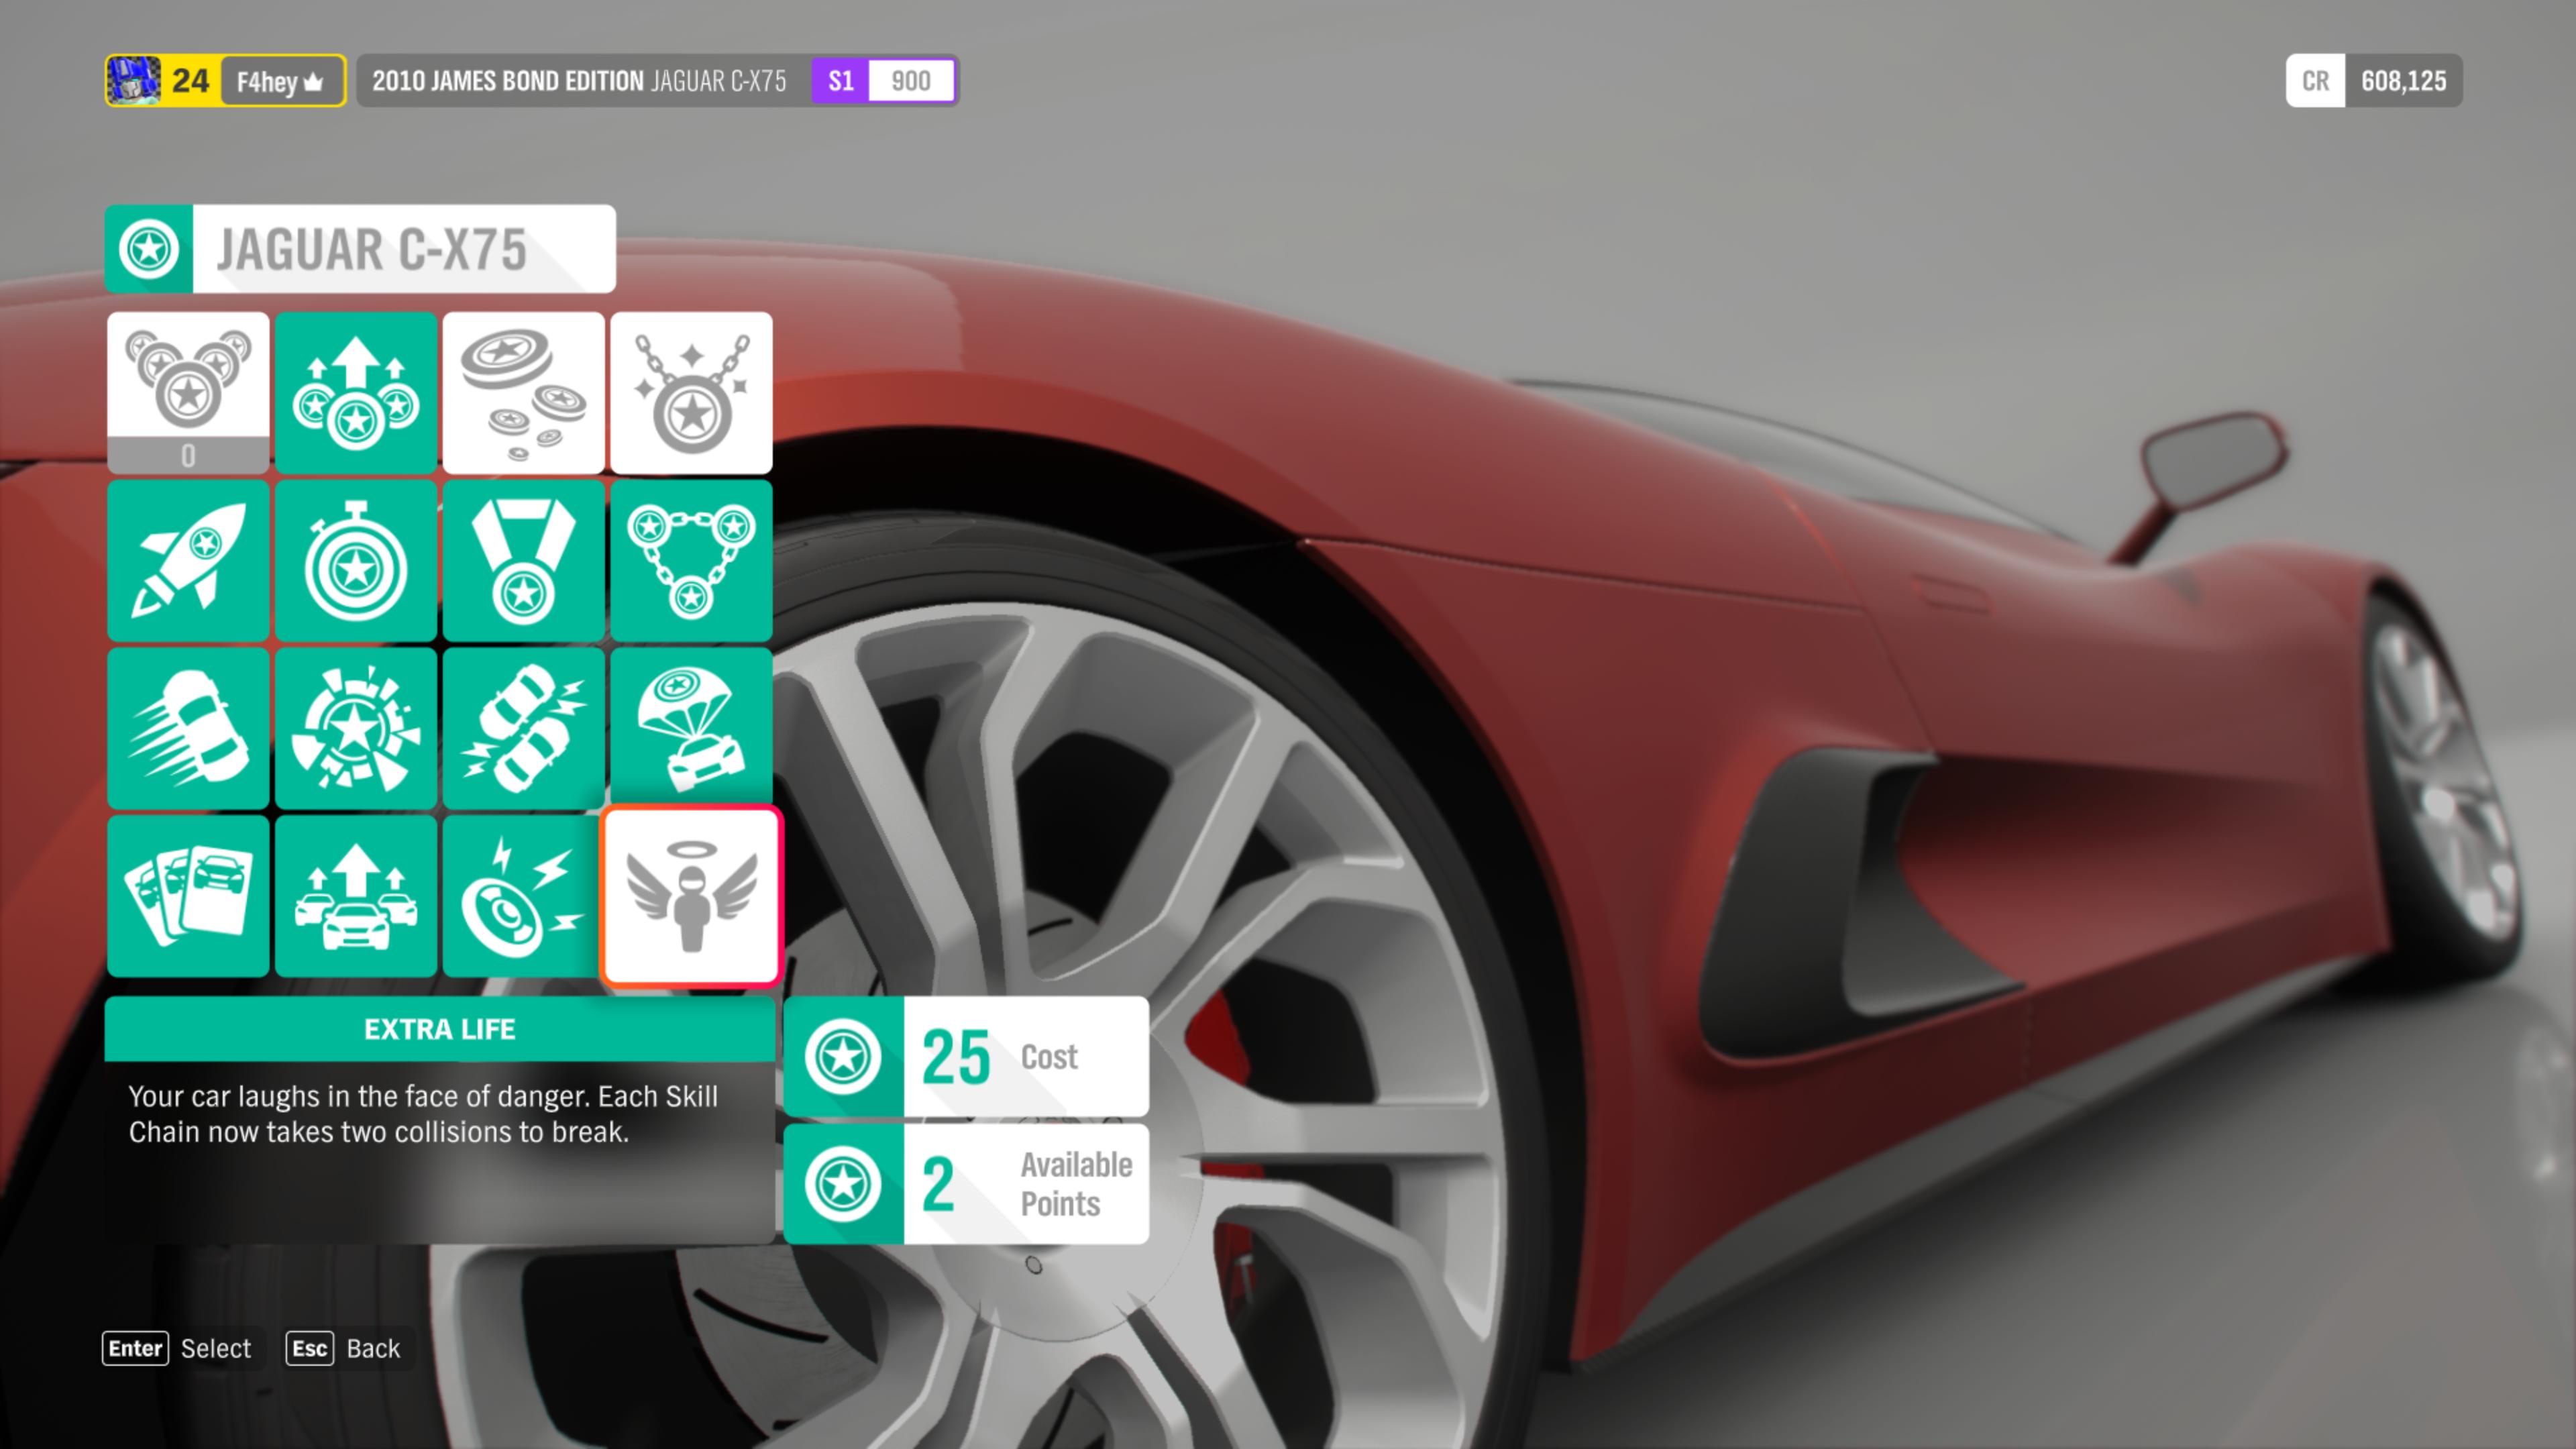 Every Forza Horizon 4 Car Has a Skill Tree, So of Course I'm Hooked